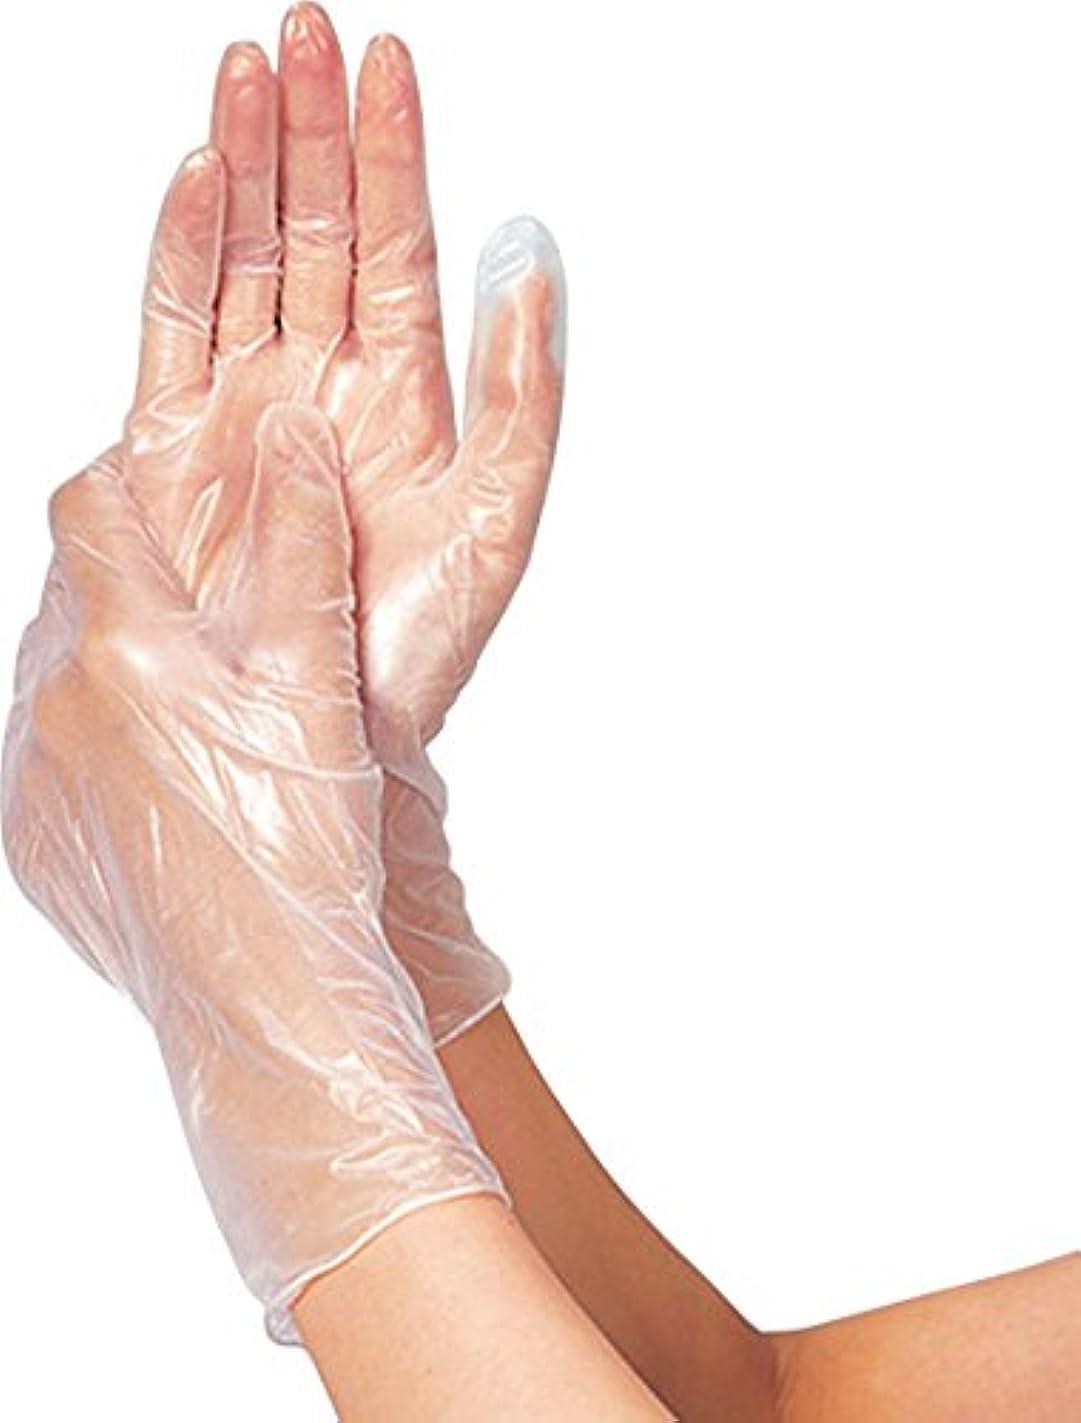 前投薬フットボールホバートタケトラプラスチック手袋200パウダーフリーL200枚 075884 竹虎メディカル